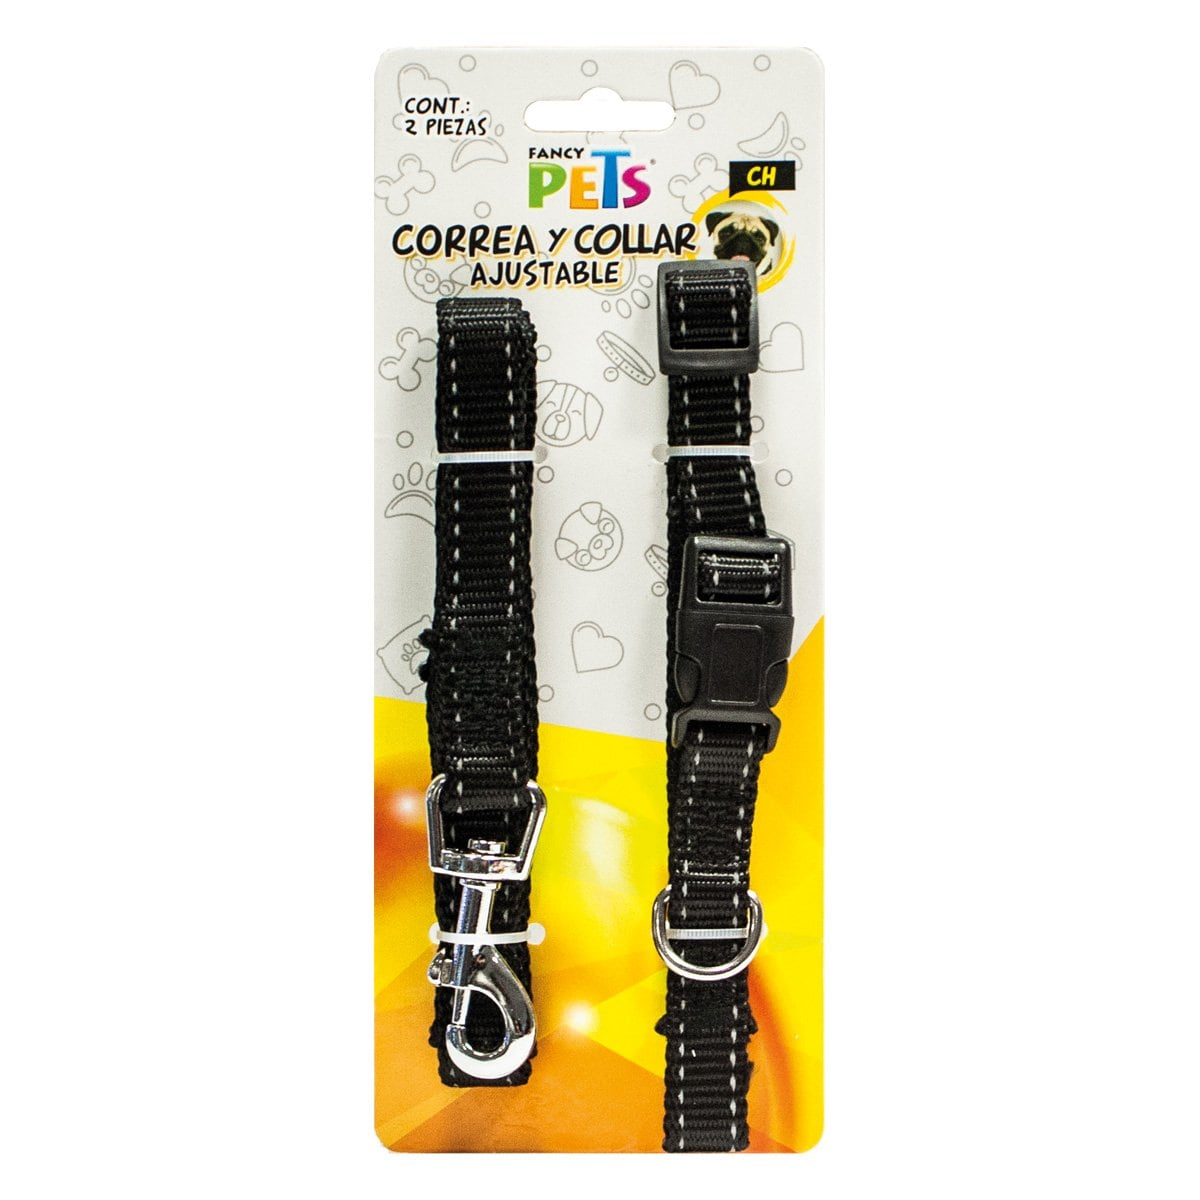 Correa/collar Nylon Bandas Reflejantes Ch